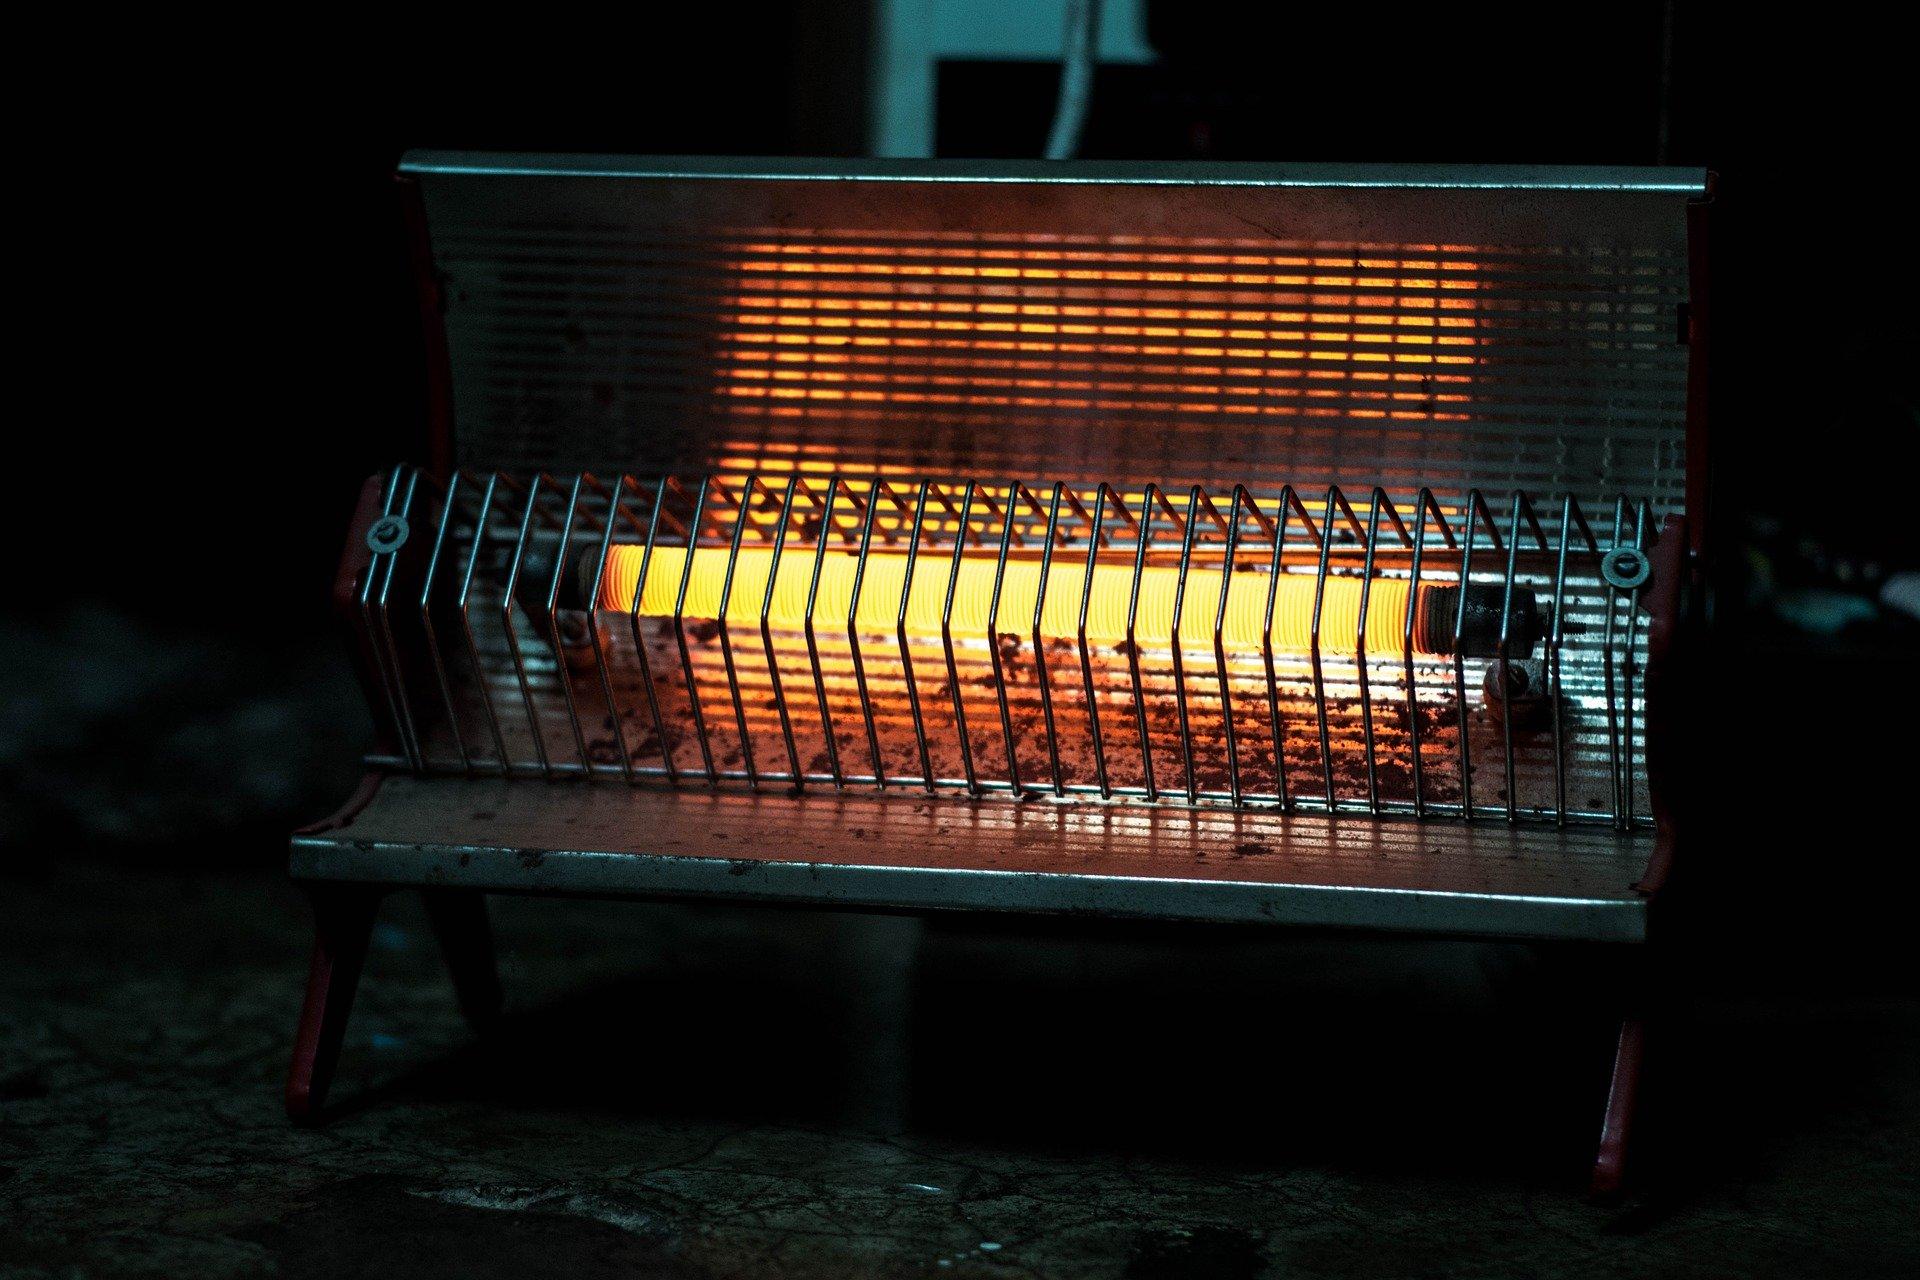 सर्दियों में कमरे को गर्म रखने के लिए रात भर हीटर जलाते हैं. रात भर कमरे में हीटर चलाने से कमरे में ऑक्सीजन की कमी हो जाती है. जब सोने जाएं तो हीटर जरूर बंद कर दें.